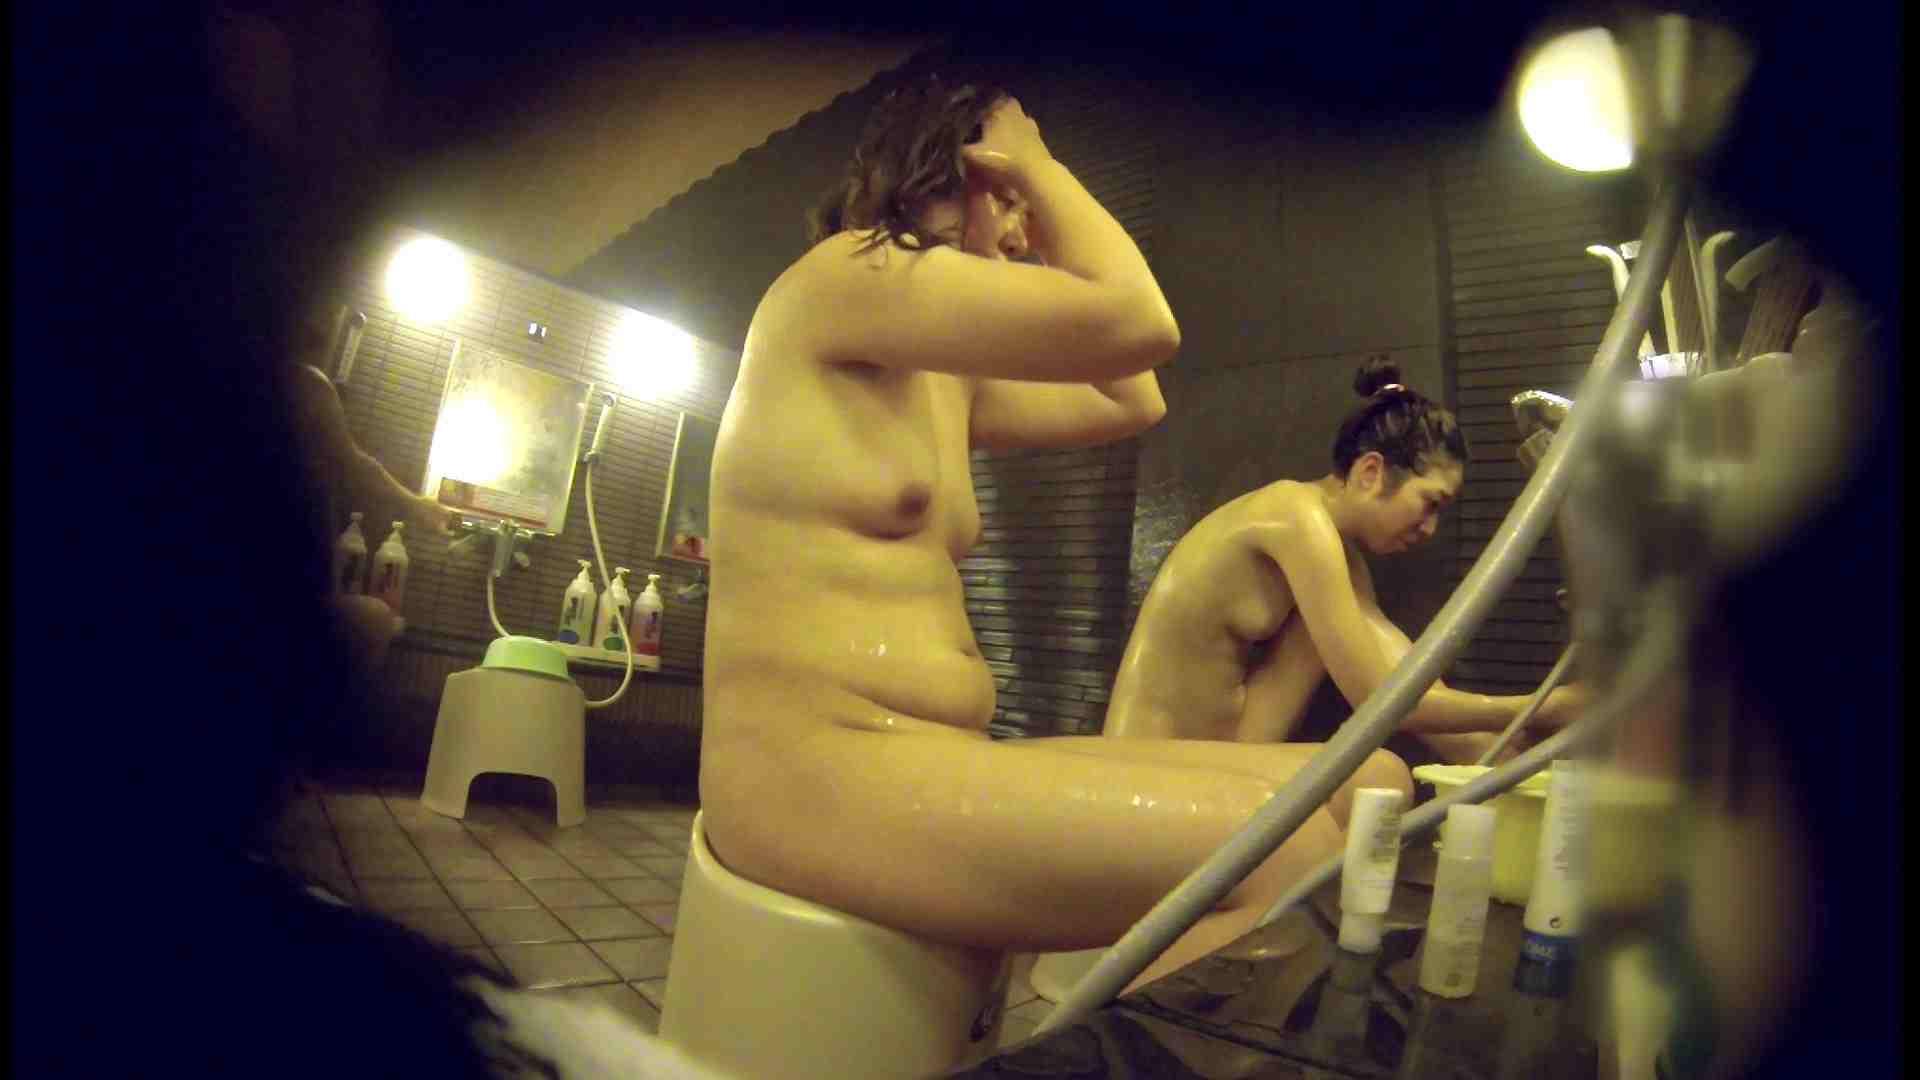 洗い場!んーーー残念なボディです。痩せれば抱けるかも? 銭湯 | 潜入  74PIX 63